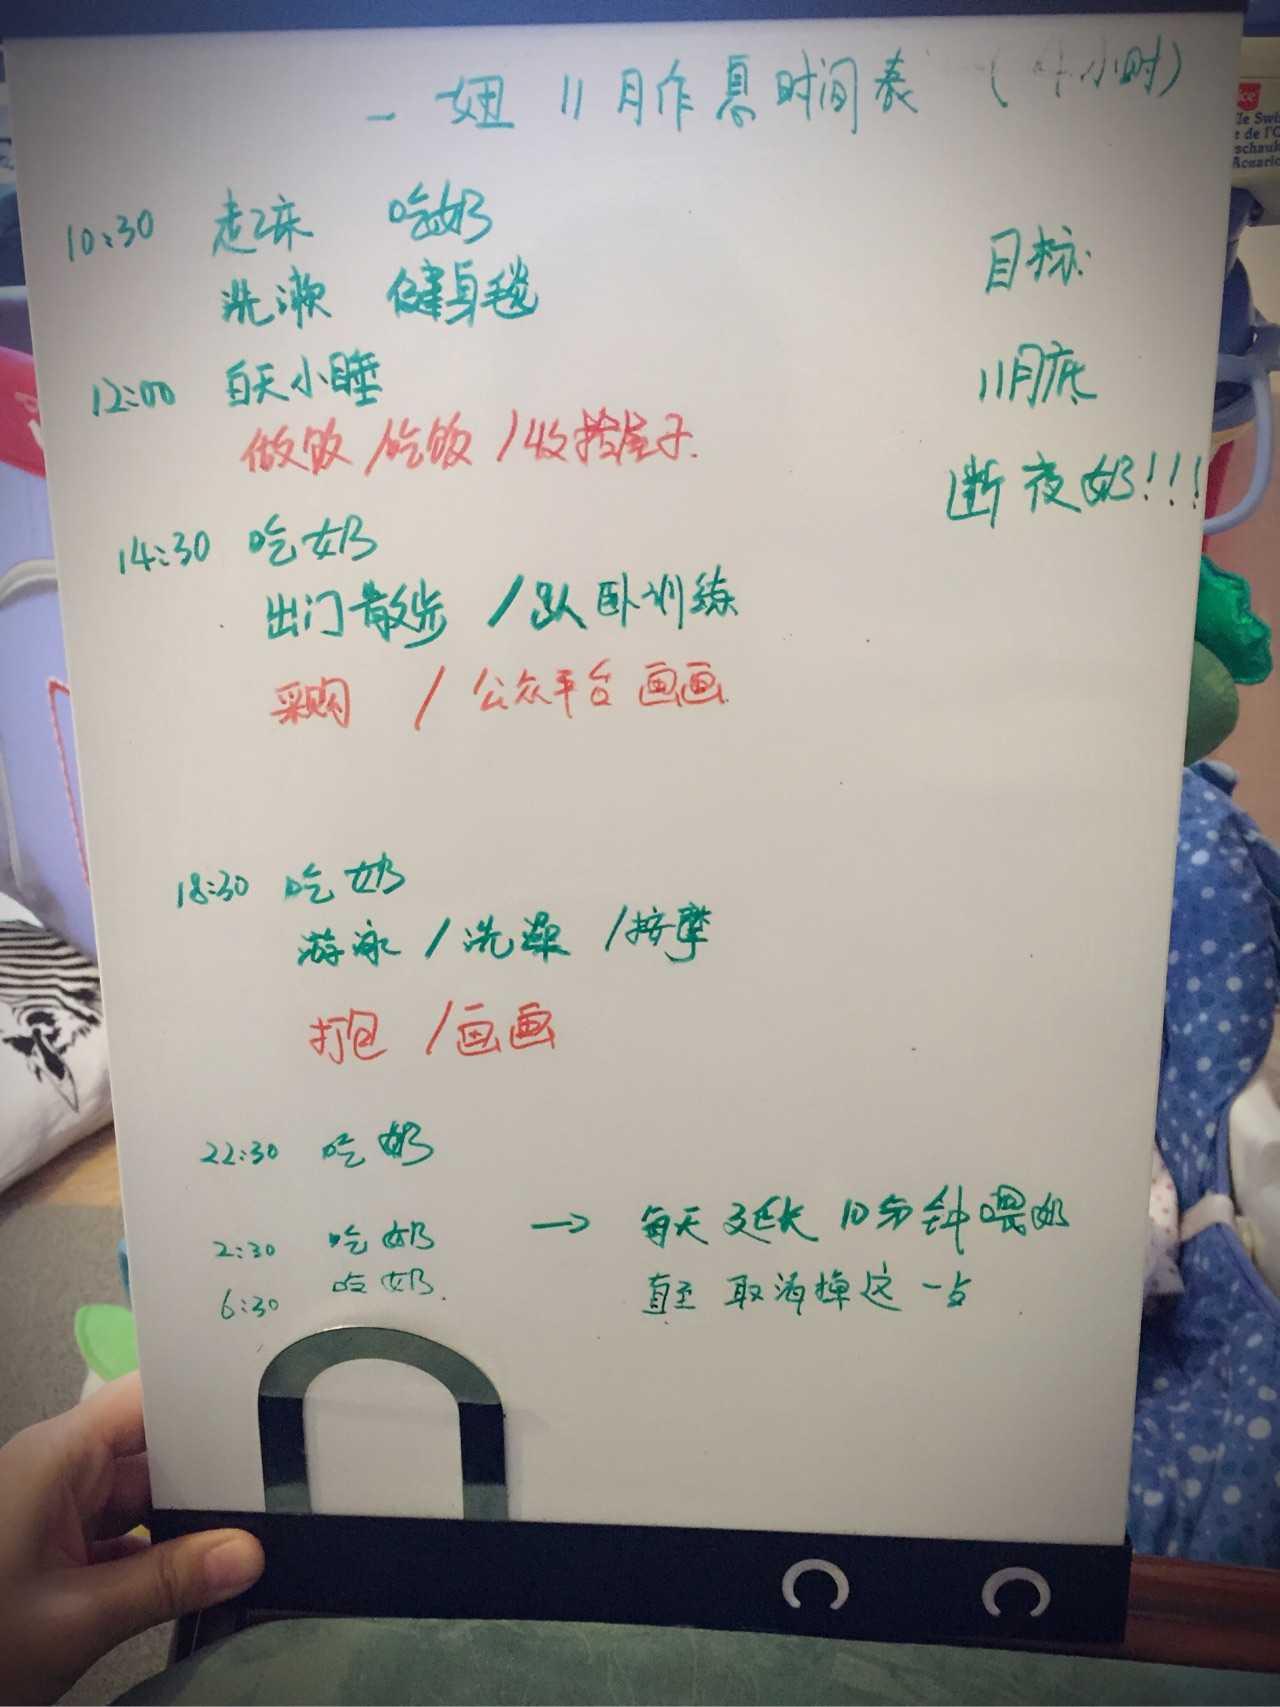 为什么说老外一个人能带宝宝,而中国人要一家子?